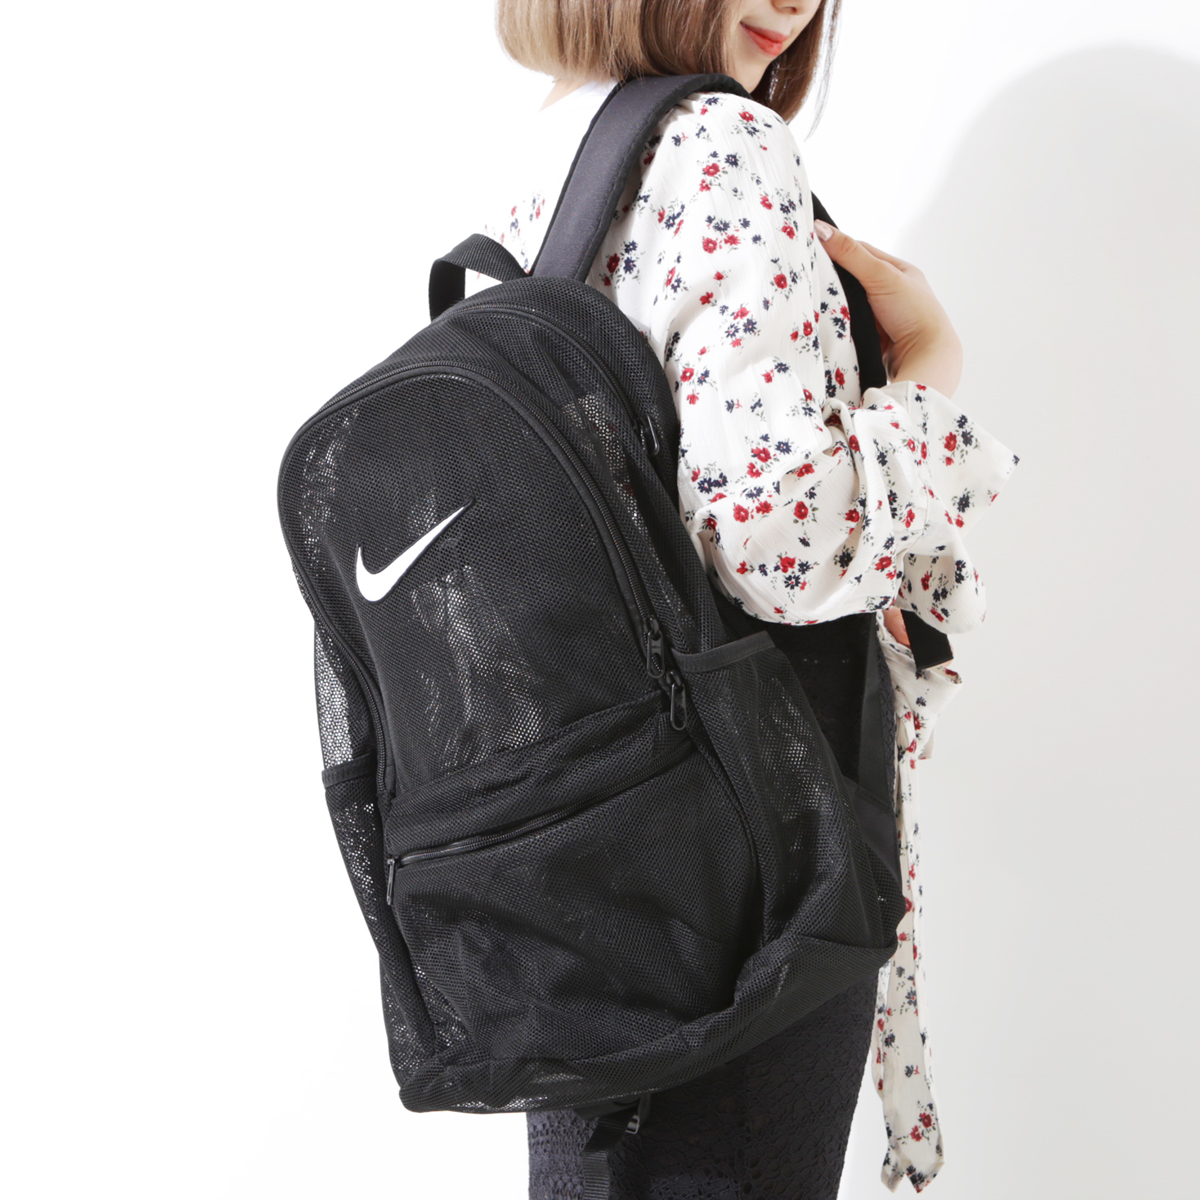 NIKE NK BRSLA MESH BKPK (Nike Brasilia mesh backpack) BLACK BLACK WHITE  18FA-I